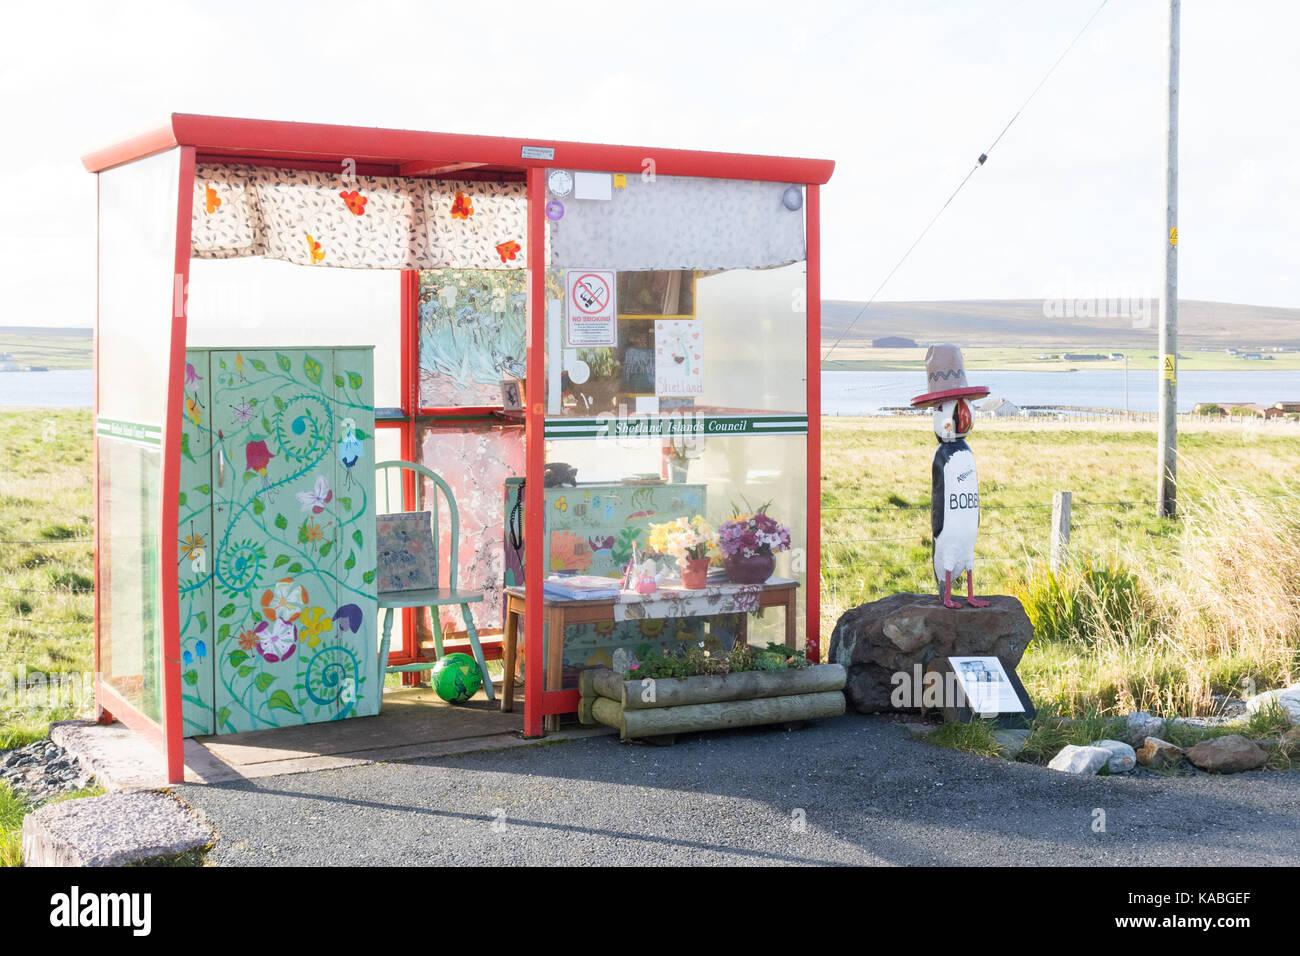 Von Bobby Bushaltestelle - eine ungewöhnliche Sehenswürdigkeit in Unst, Shetlandinseln, Schottland, Großbritannien Stockbild